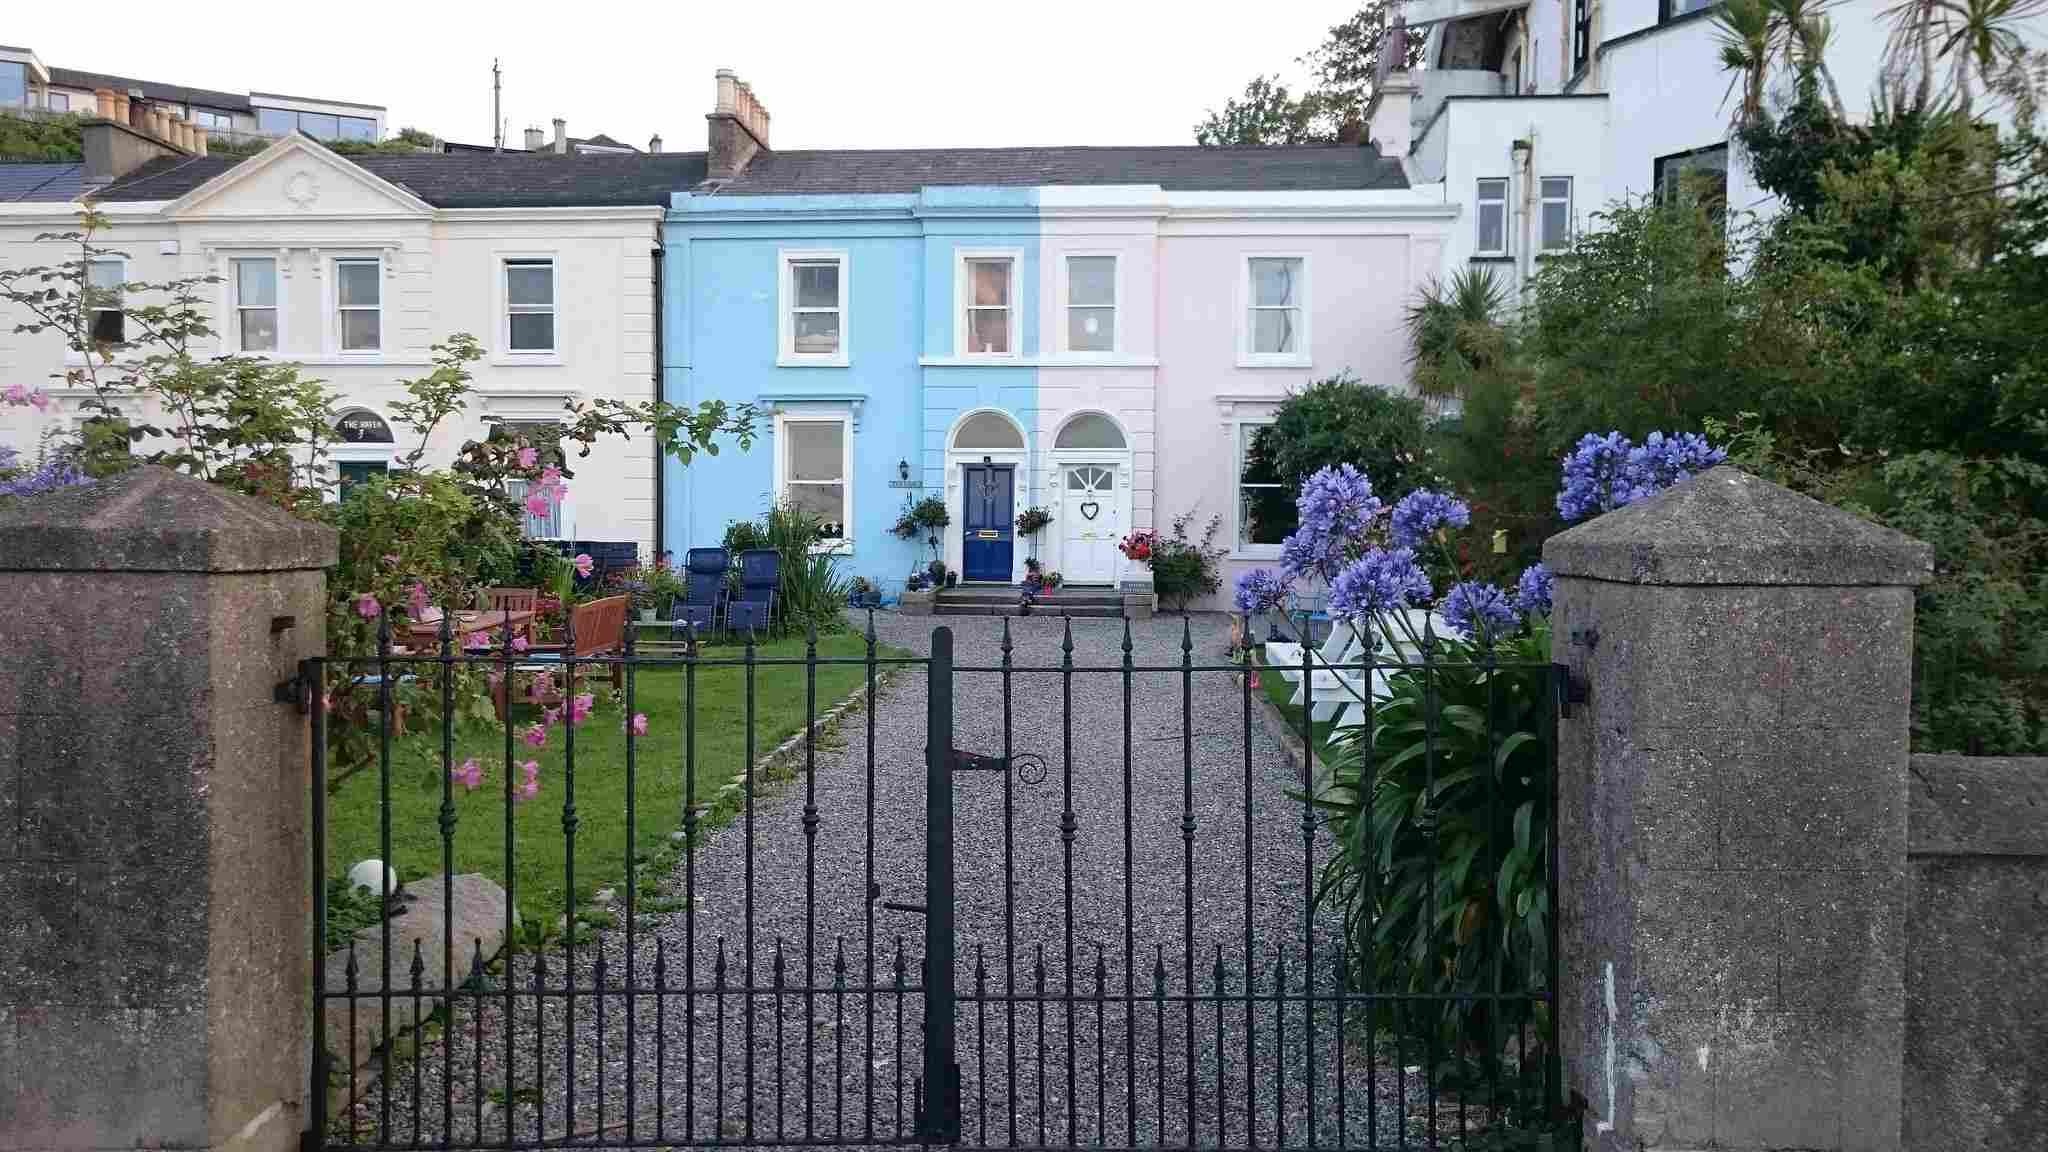 Houses in Bray Ireland